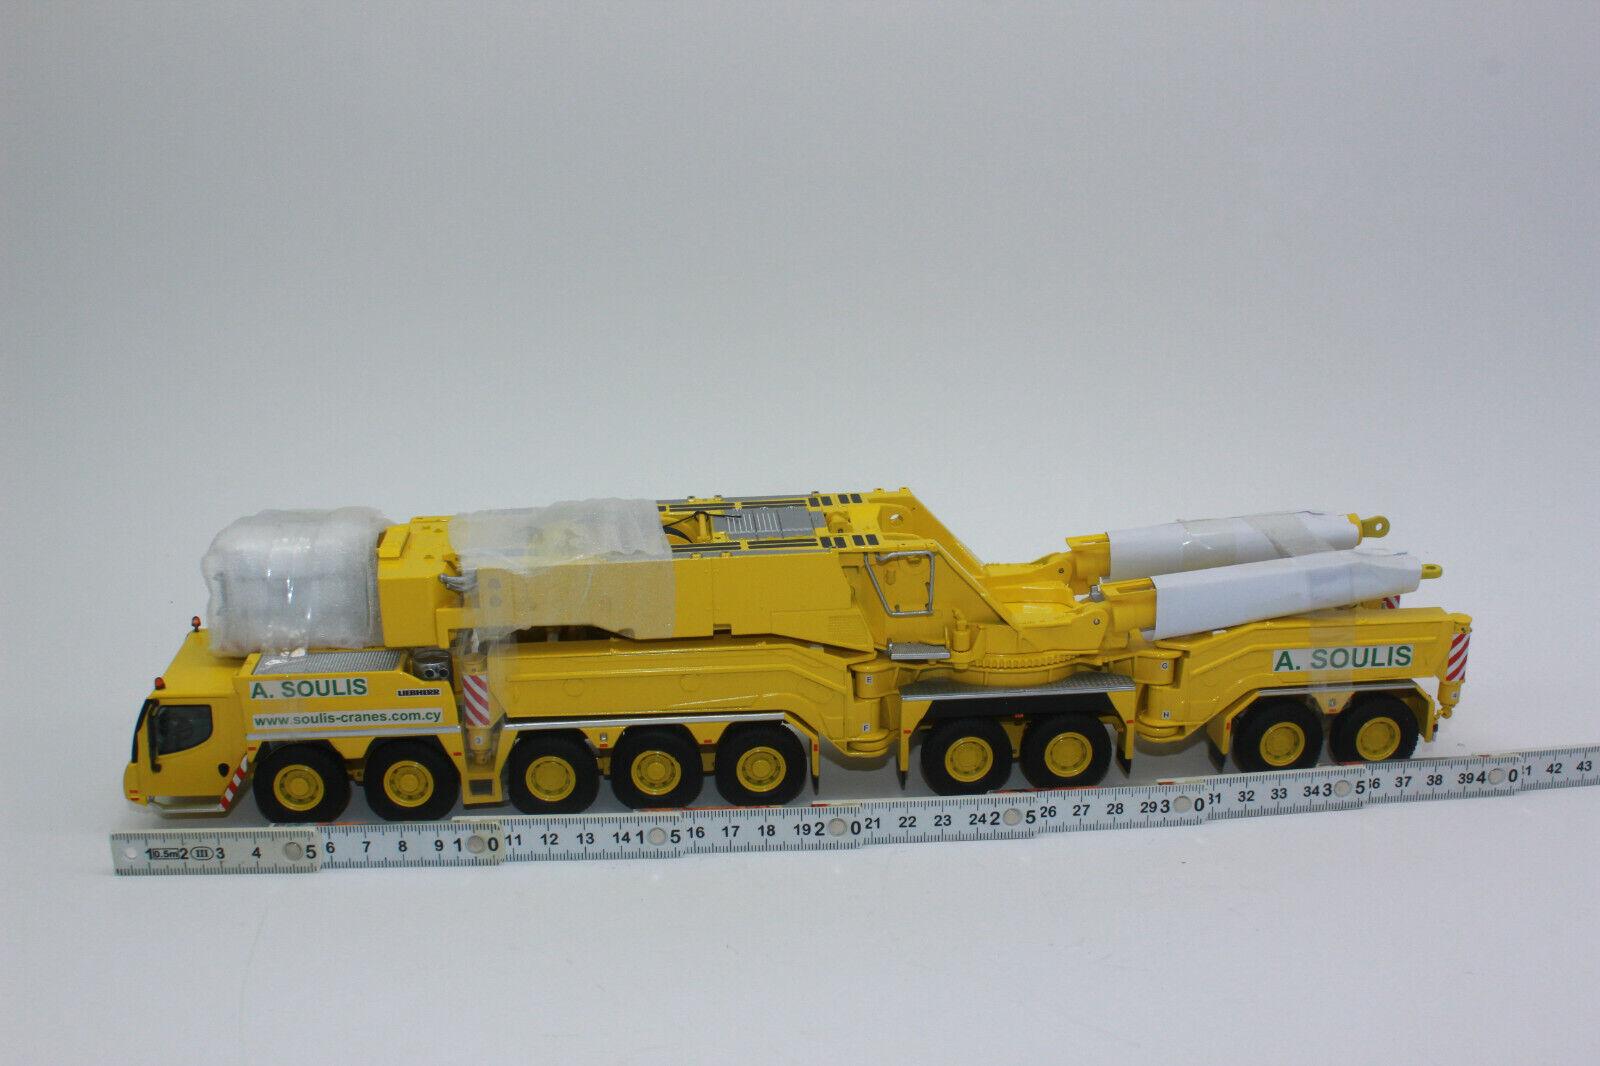 Nzg 732 27 Liebherr Ltm 11200-9.1 Soulis Mobile Crane New Limited 100 Pieces 1